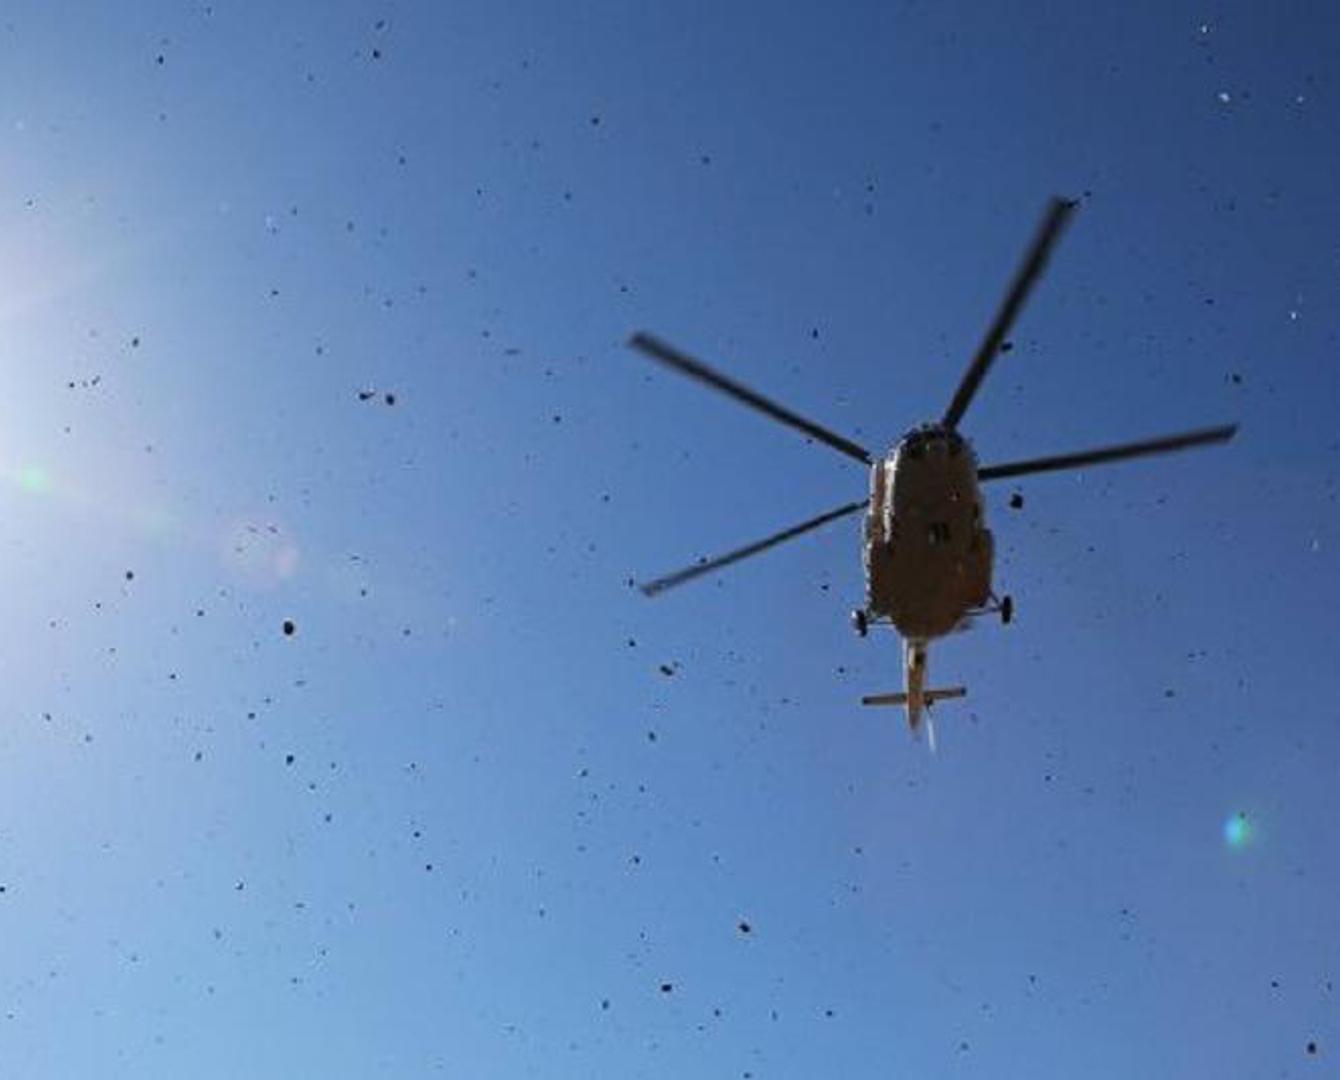 Стал известен владелец рухнувшего в Восточно-Казахстанской области вертолета